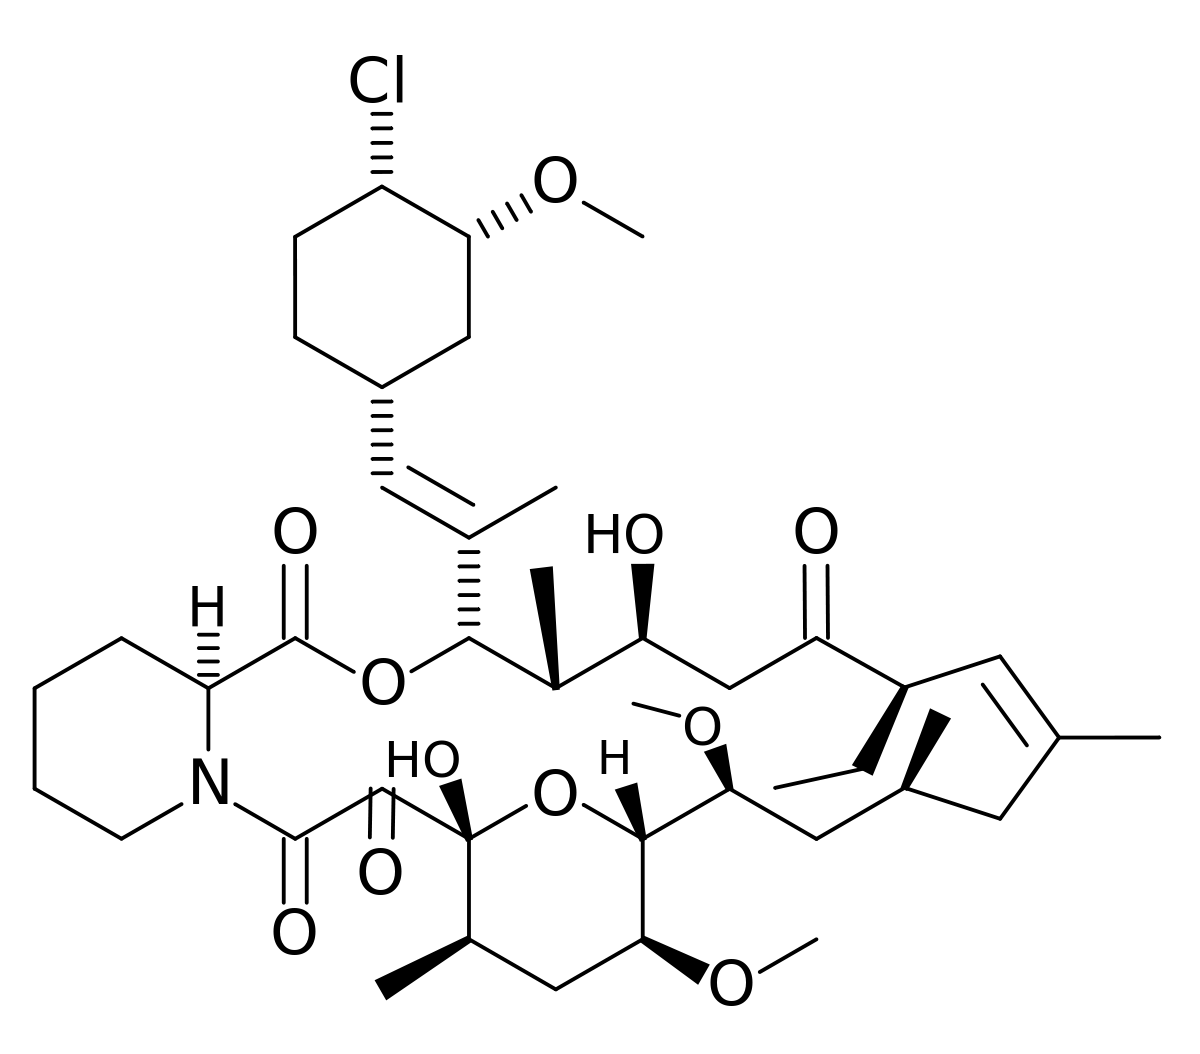 pimekrolimus-formula